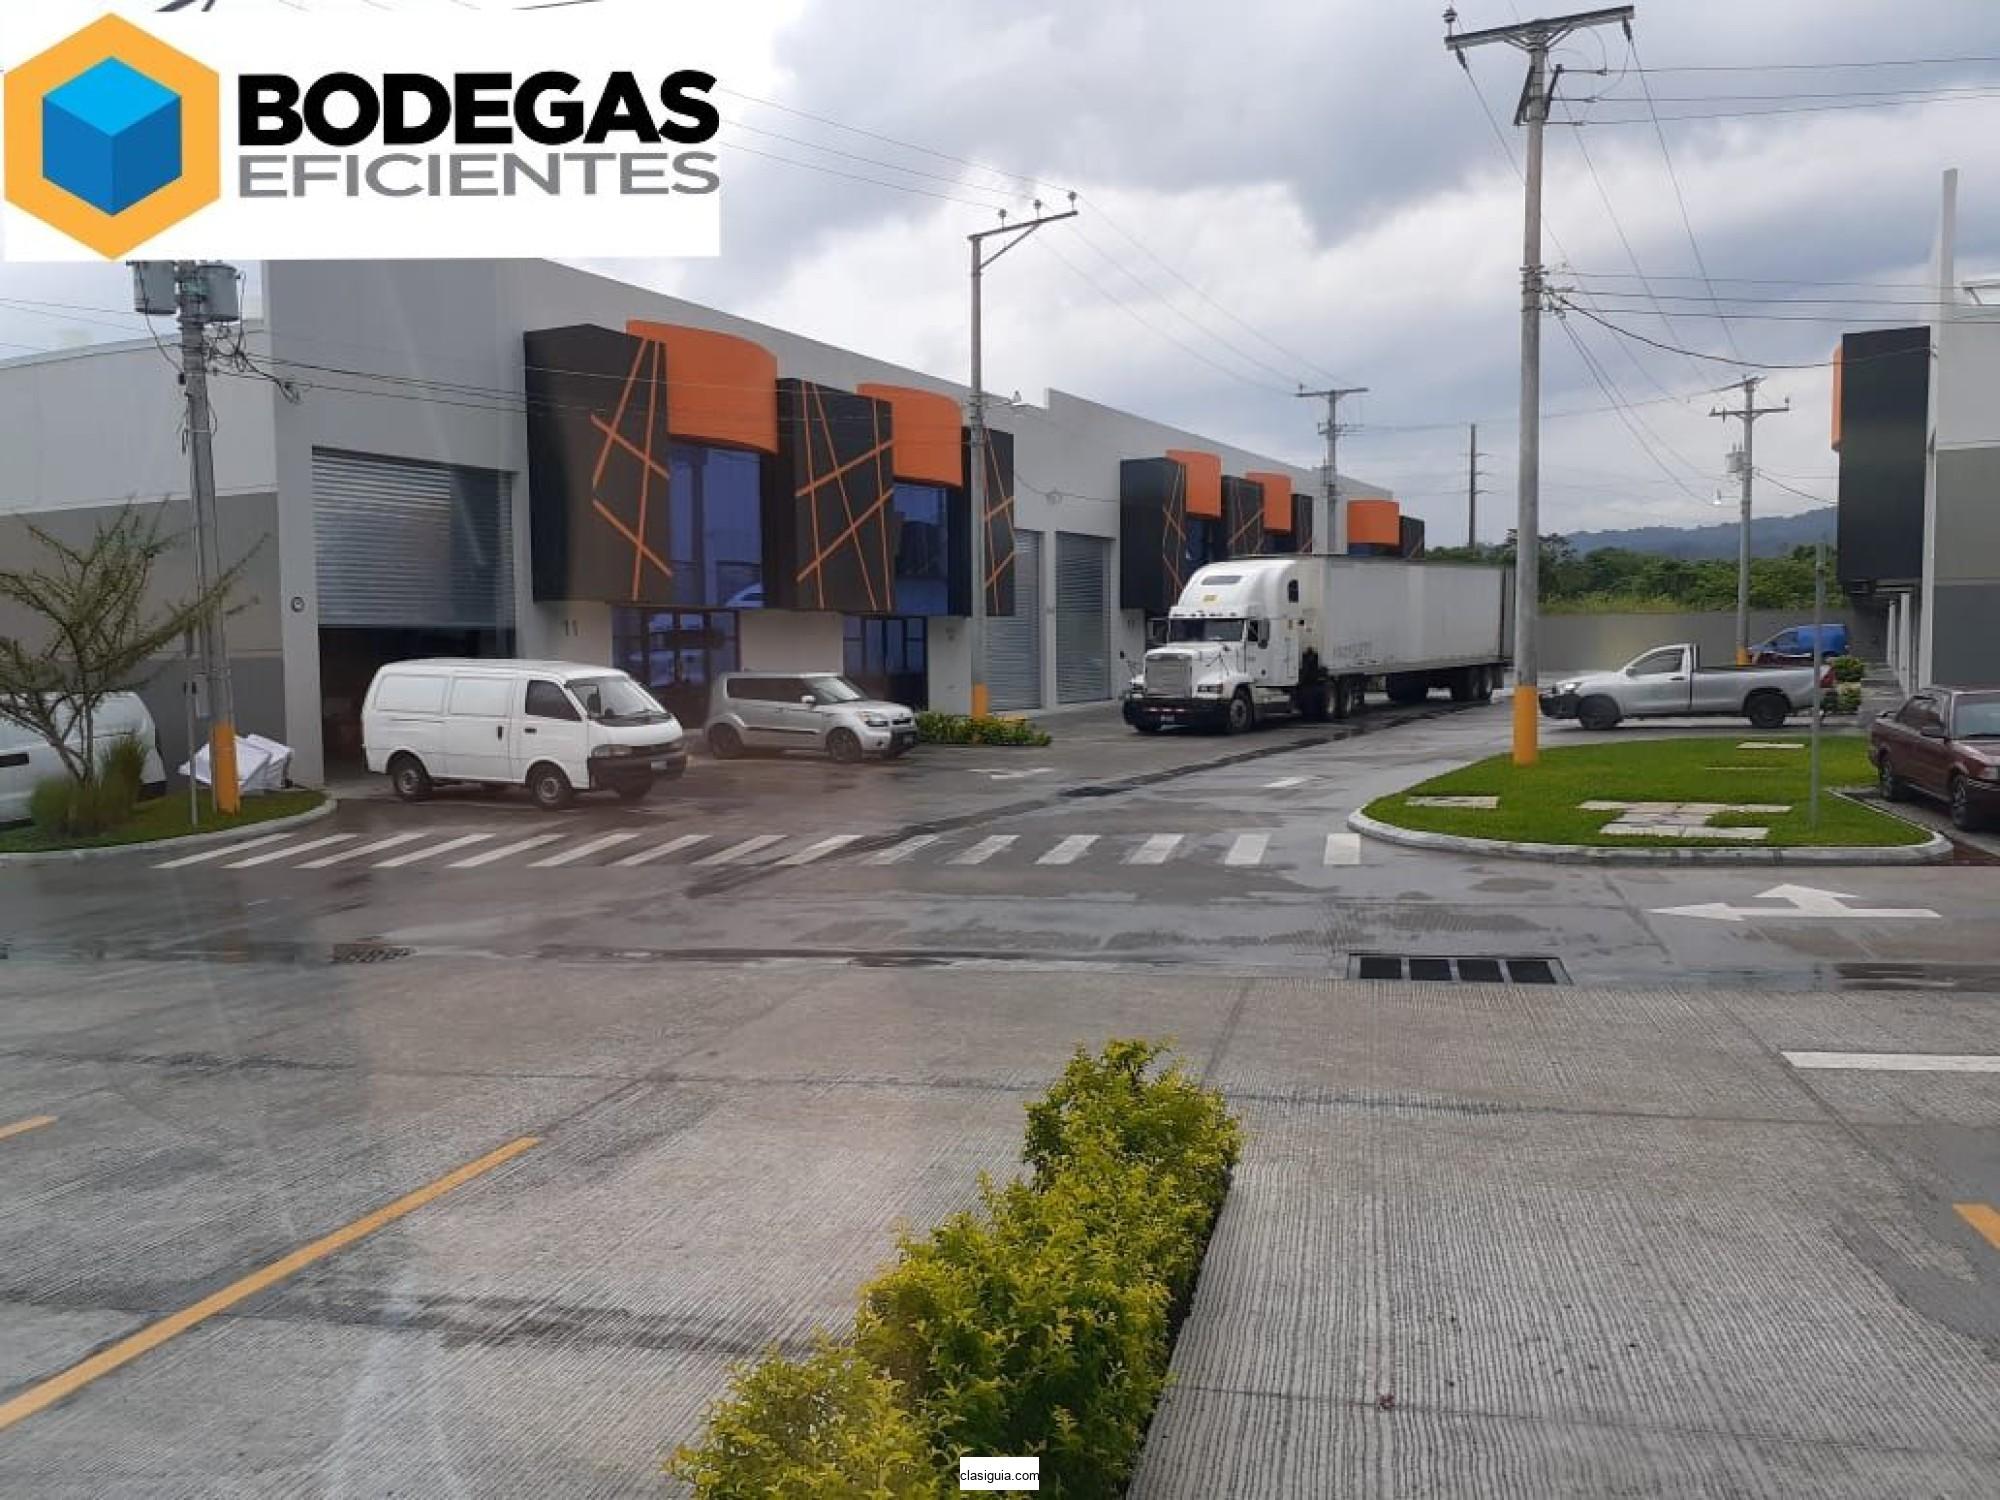 Bodega y Oficina en Venta Condominio Bodegas Eficientes frente a Nejapa Power